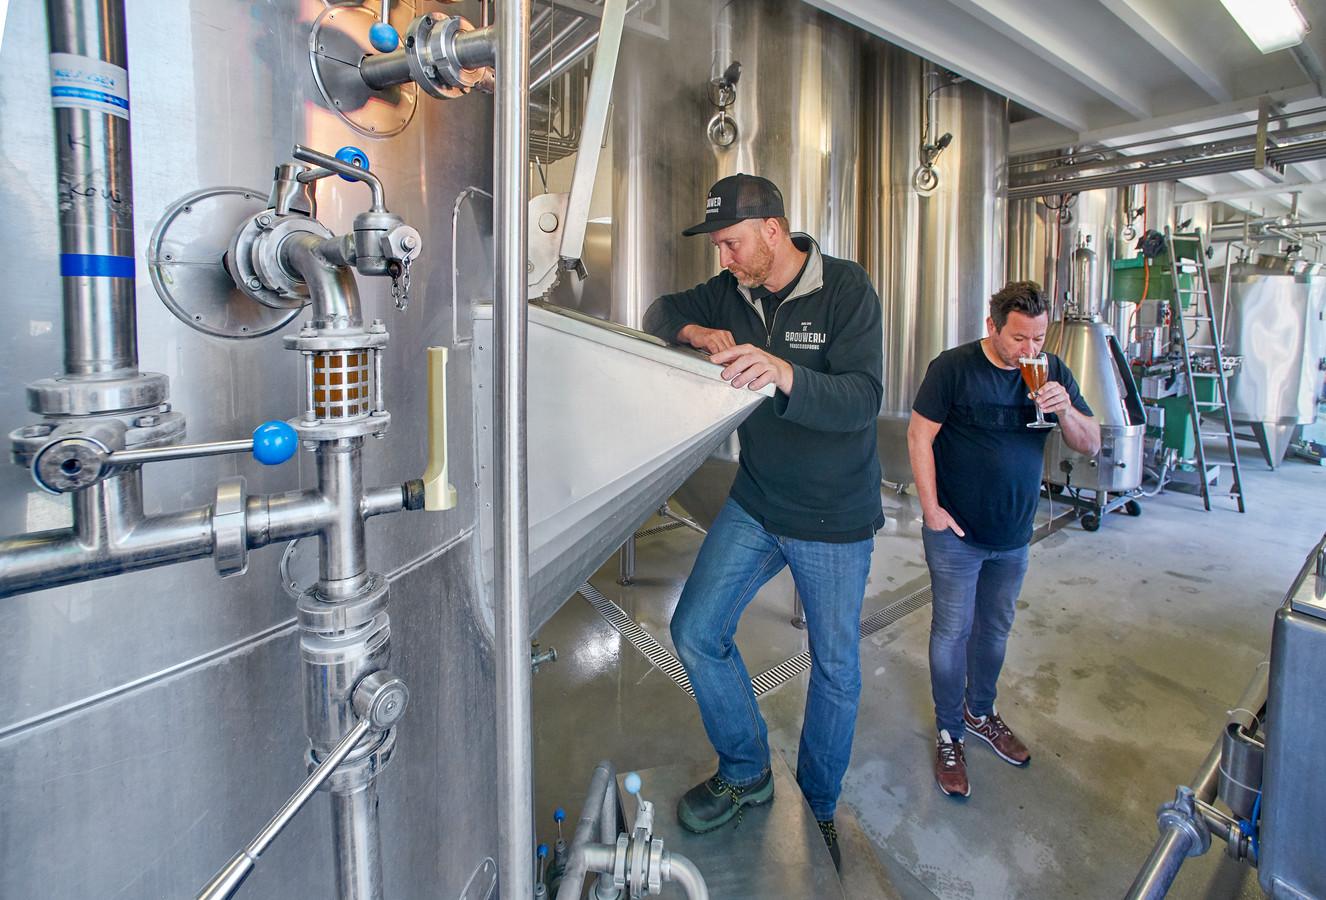 Brouwmeester Frans Schamp tuurt in de brouwketel, terwijl Alwin Houwing een slok bier proeft. De twee brengen D'n Schele Os terug op de markt.